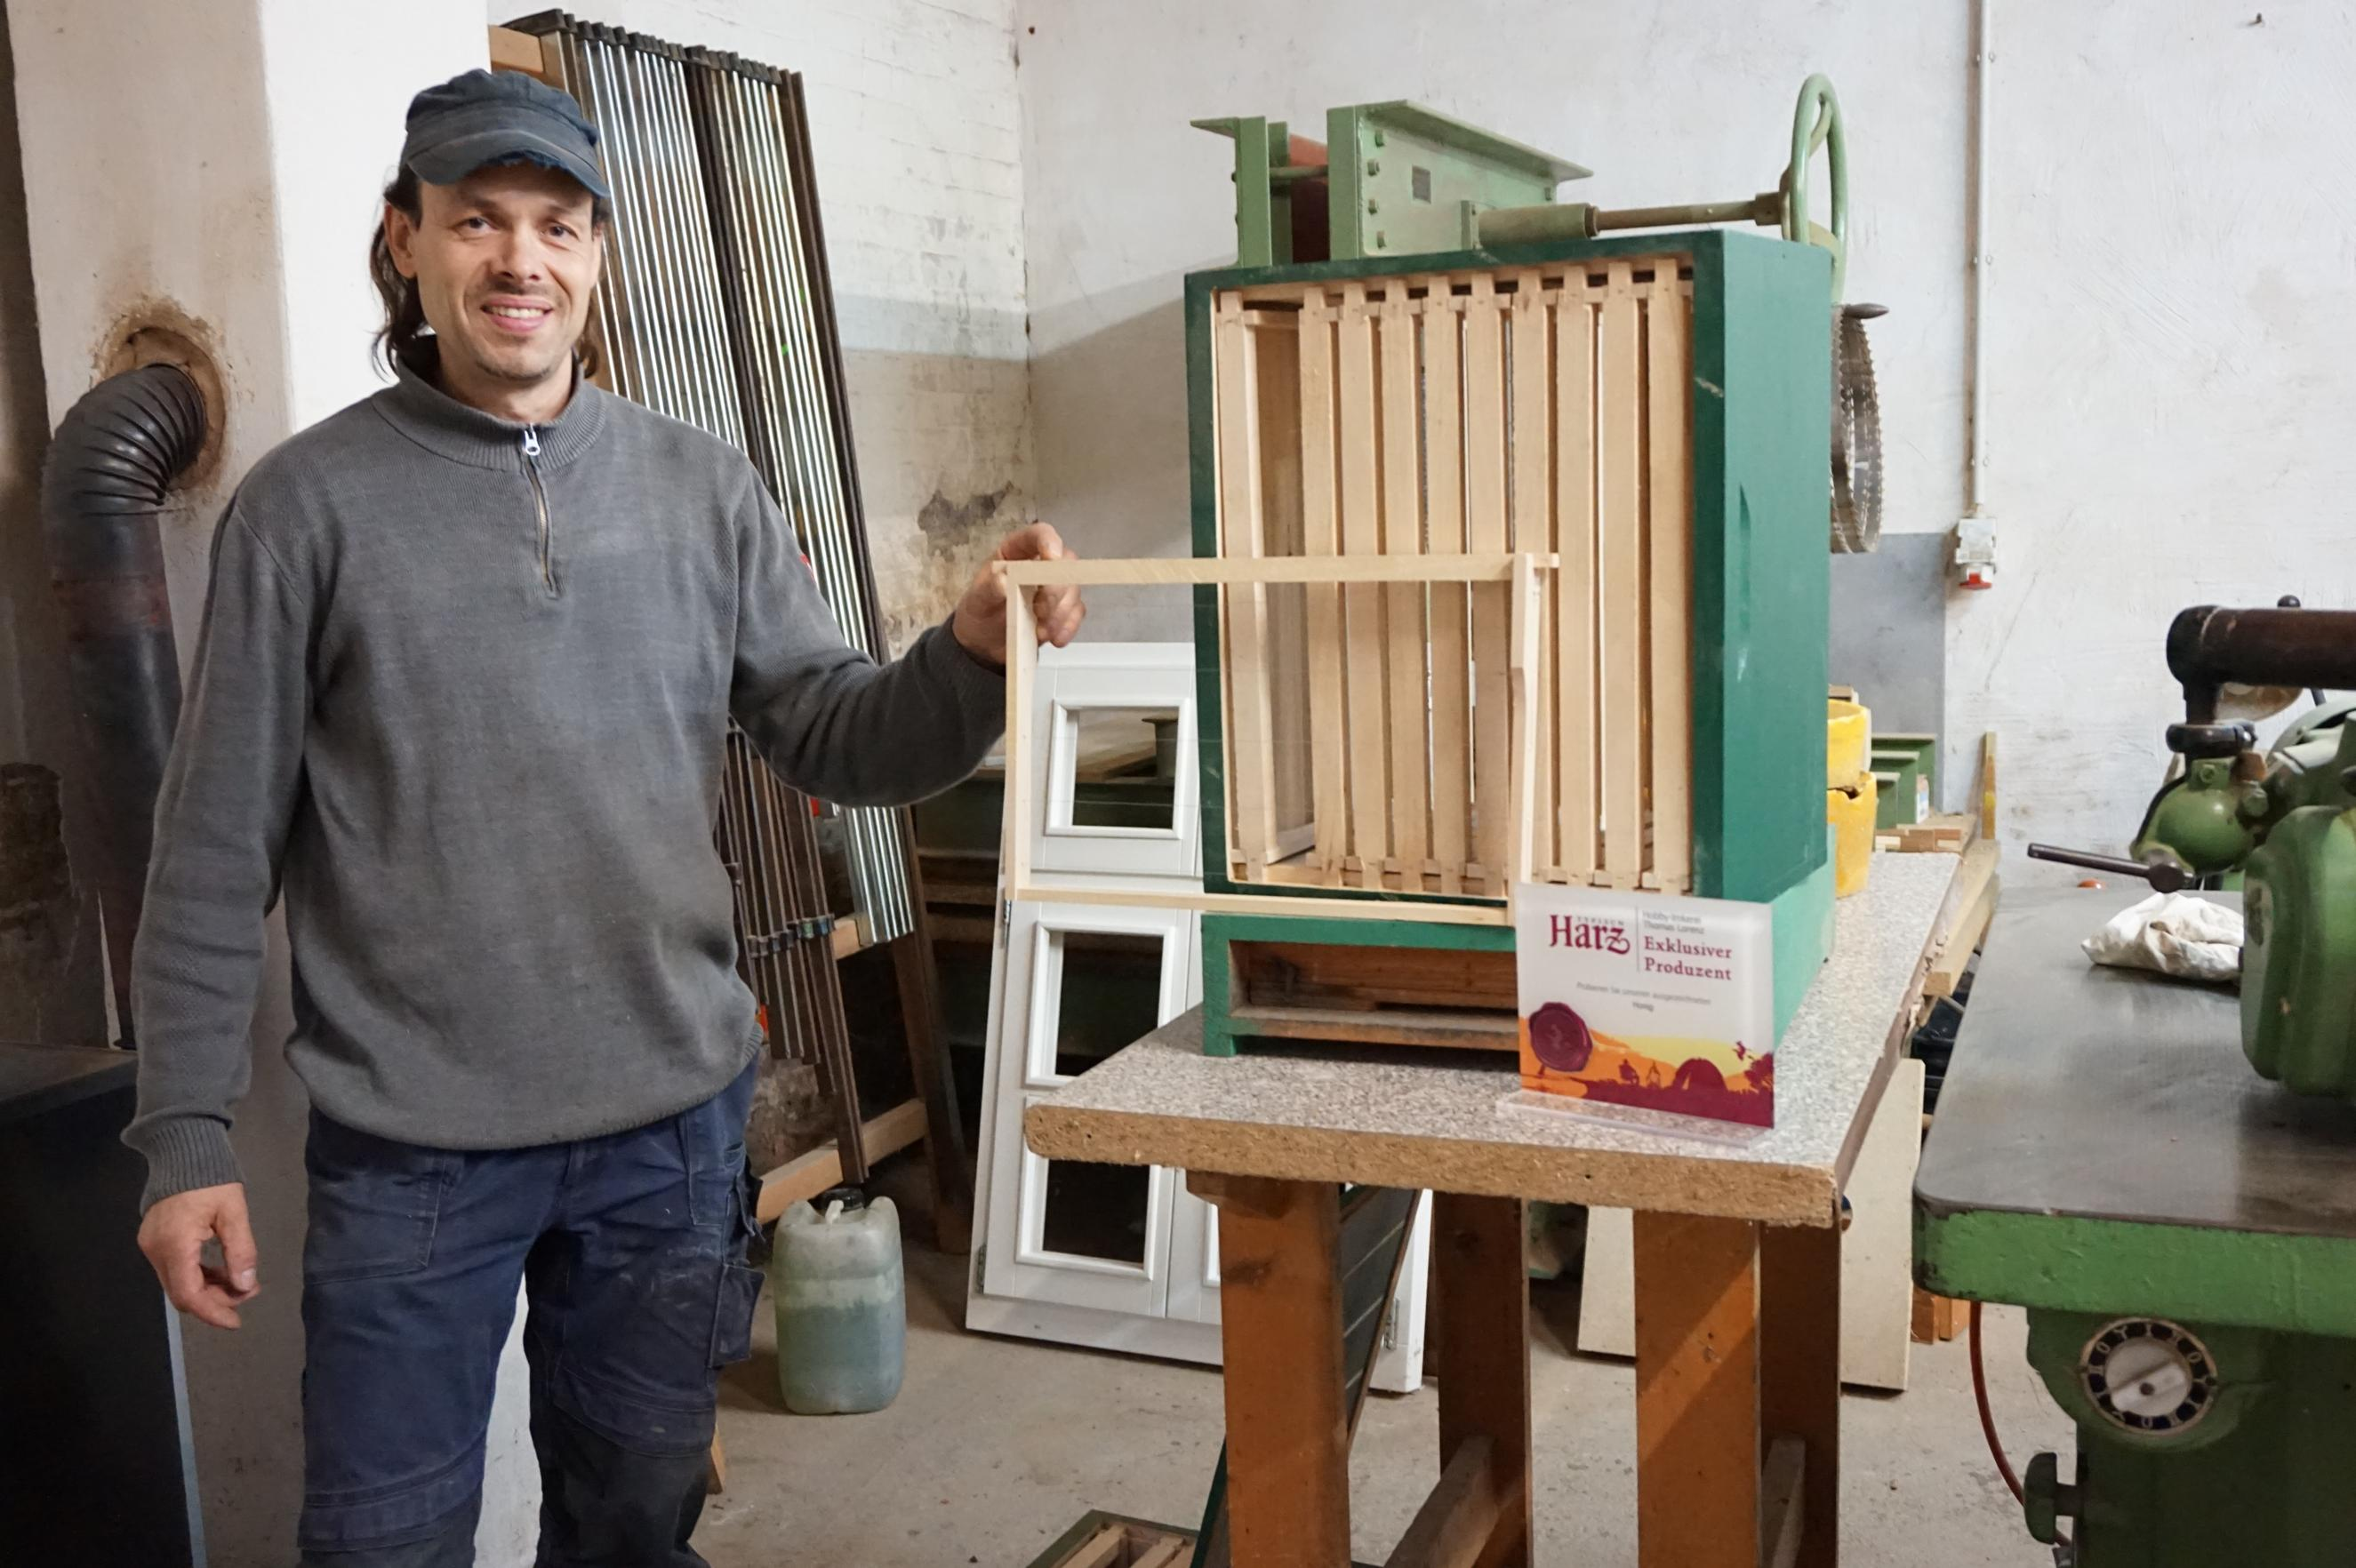 Hobby-Imker Lorenz beim Bienenkastenbau